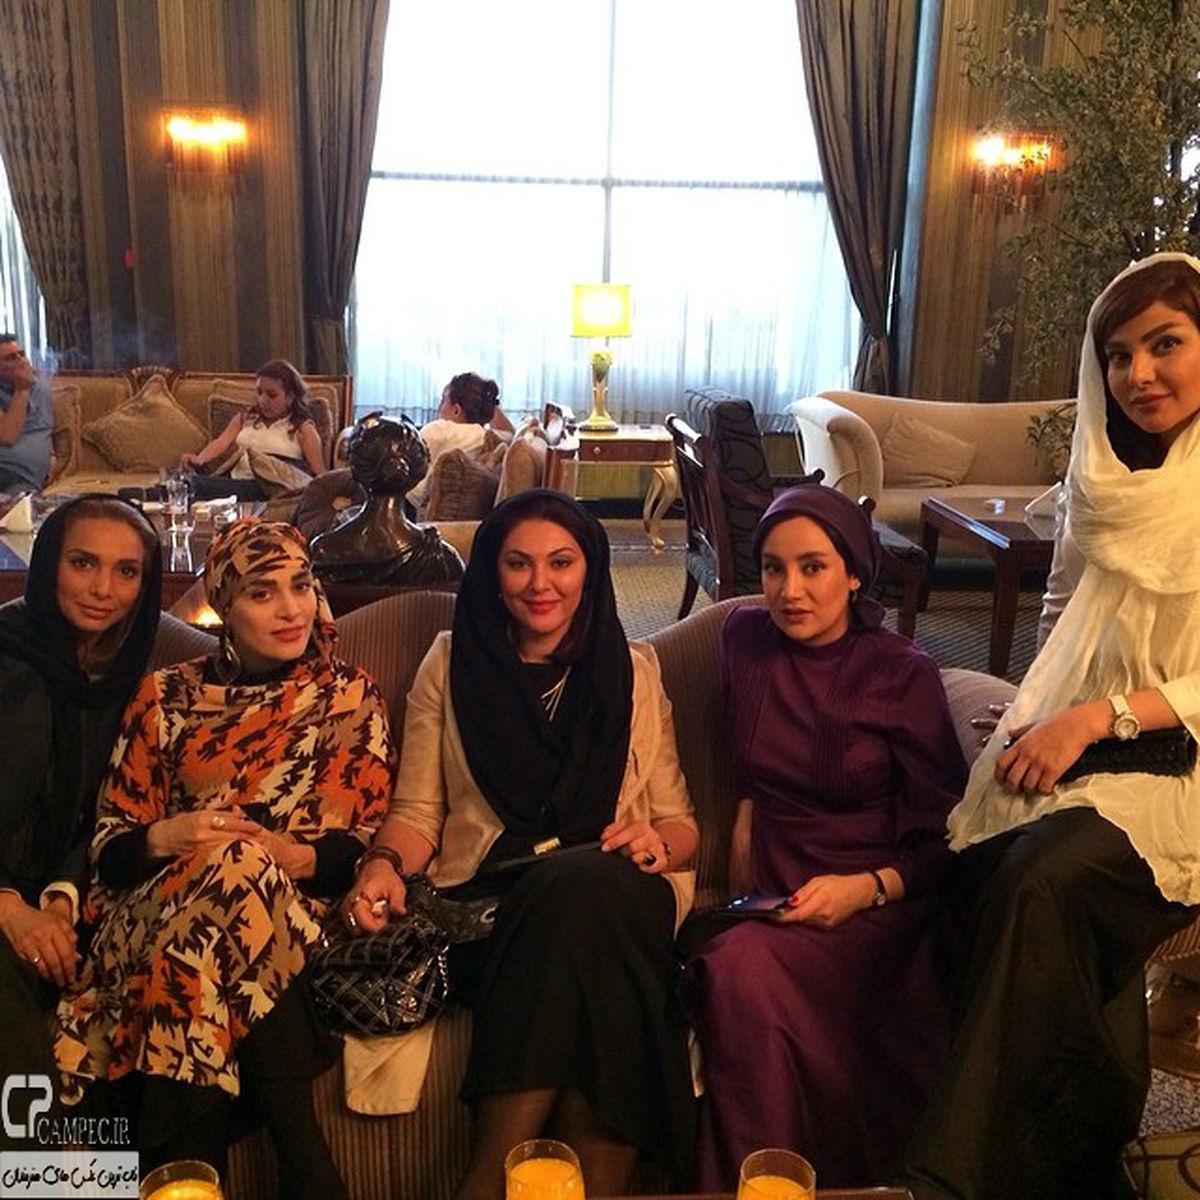 بهاره افشاری با پیراهن تنگ و کوتاه در هتل لاکچری اروپایی + عکس